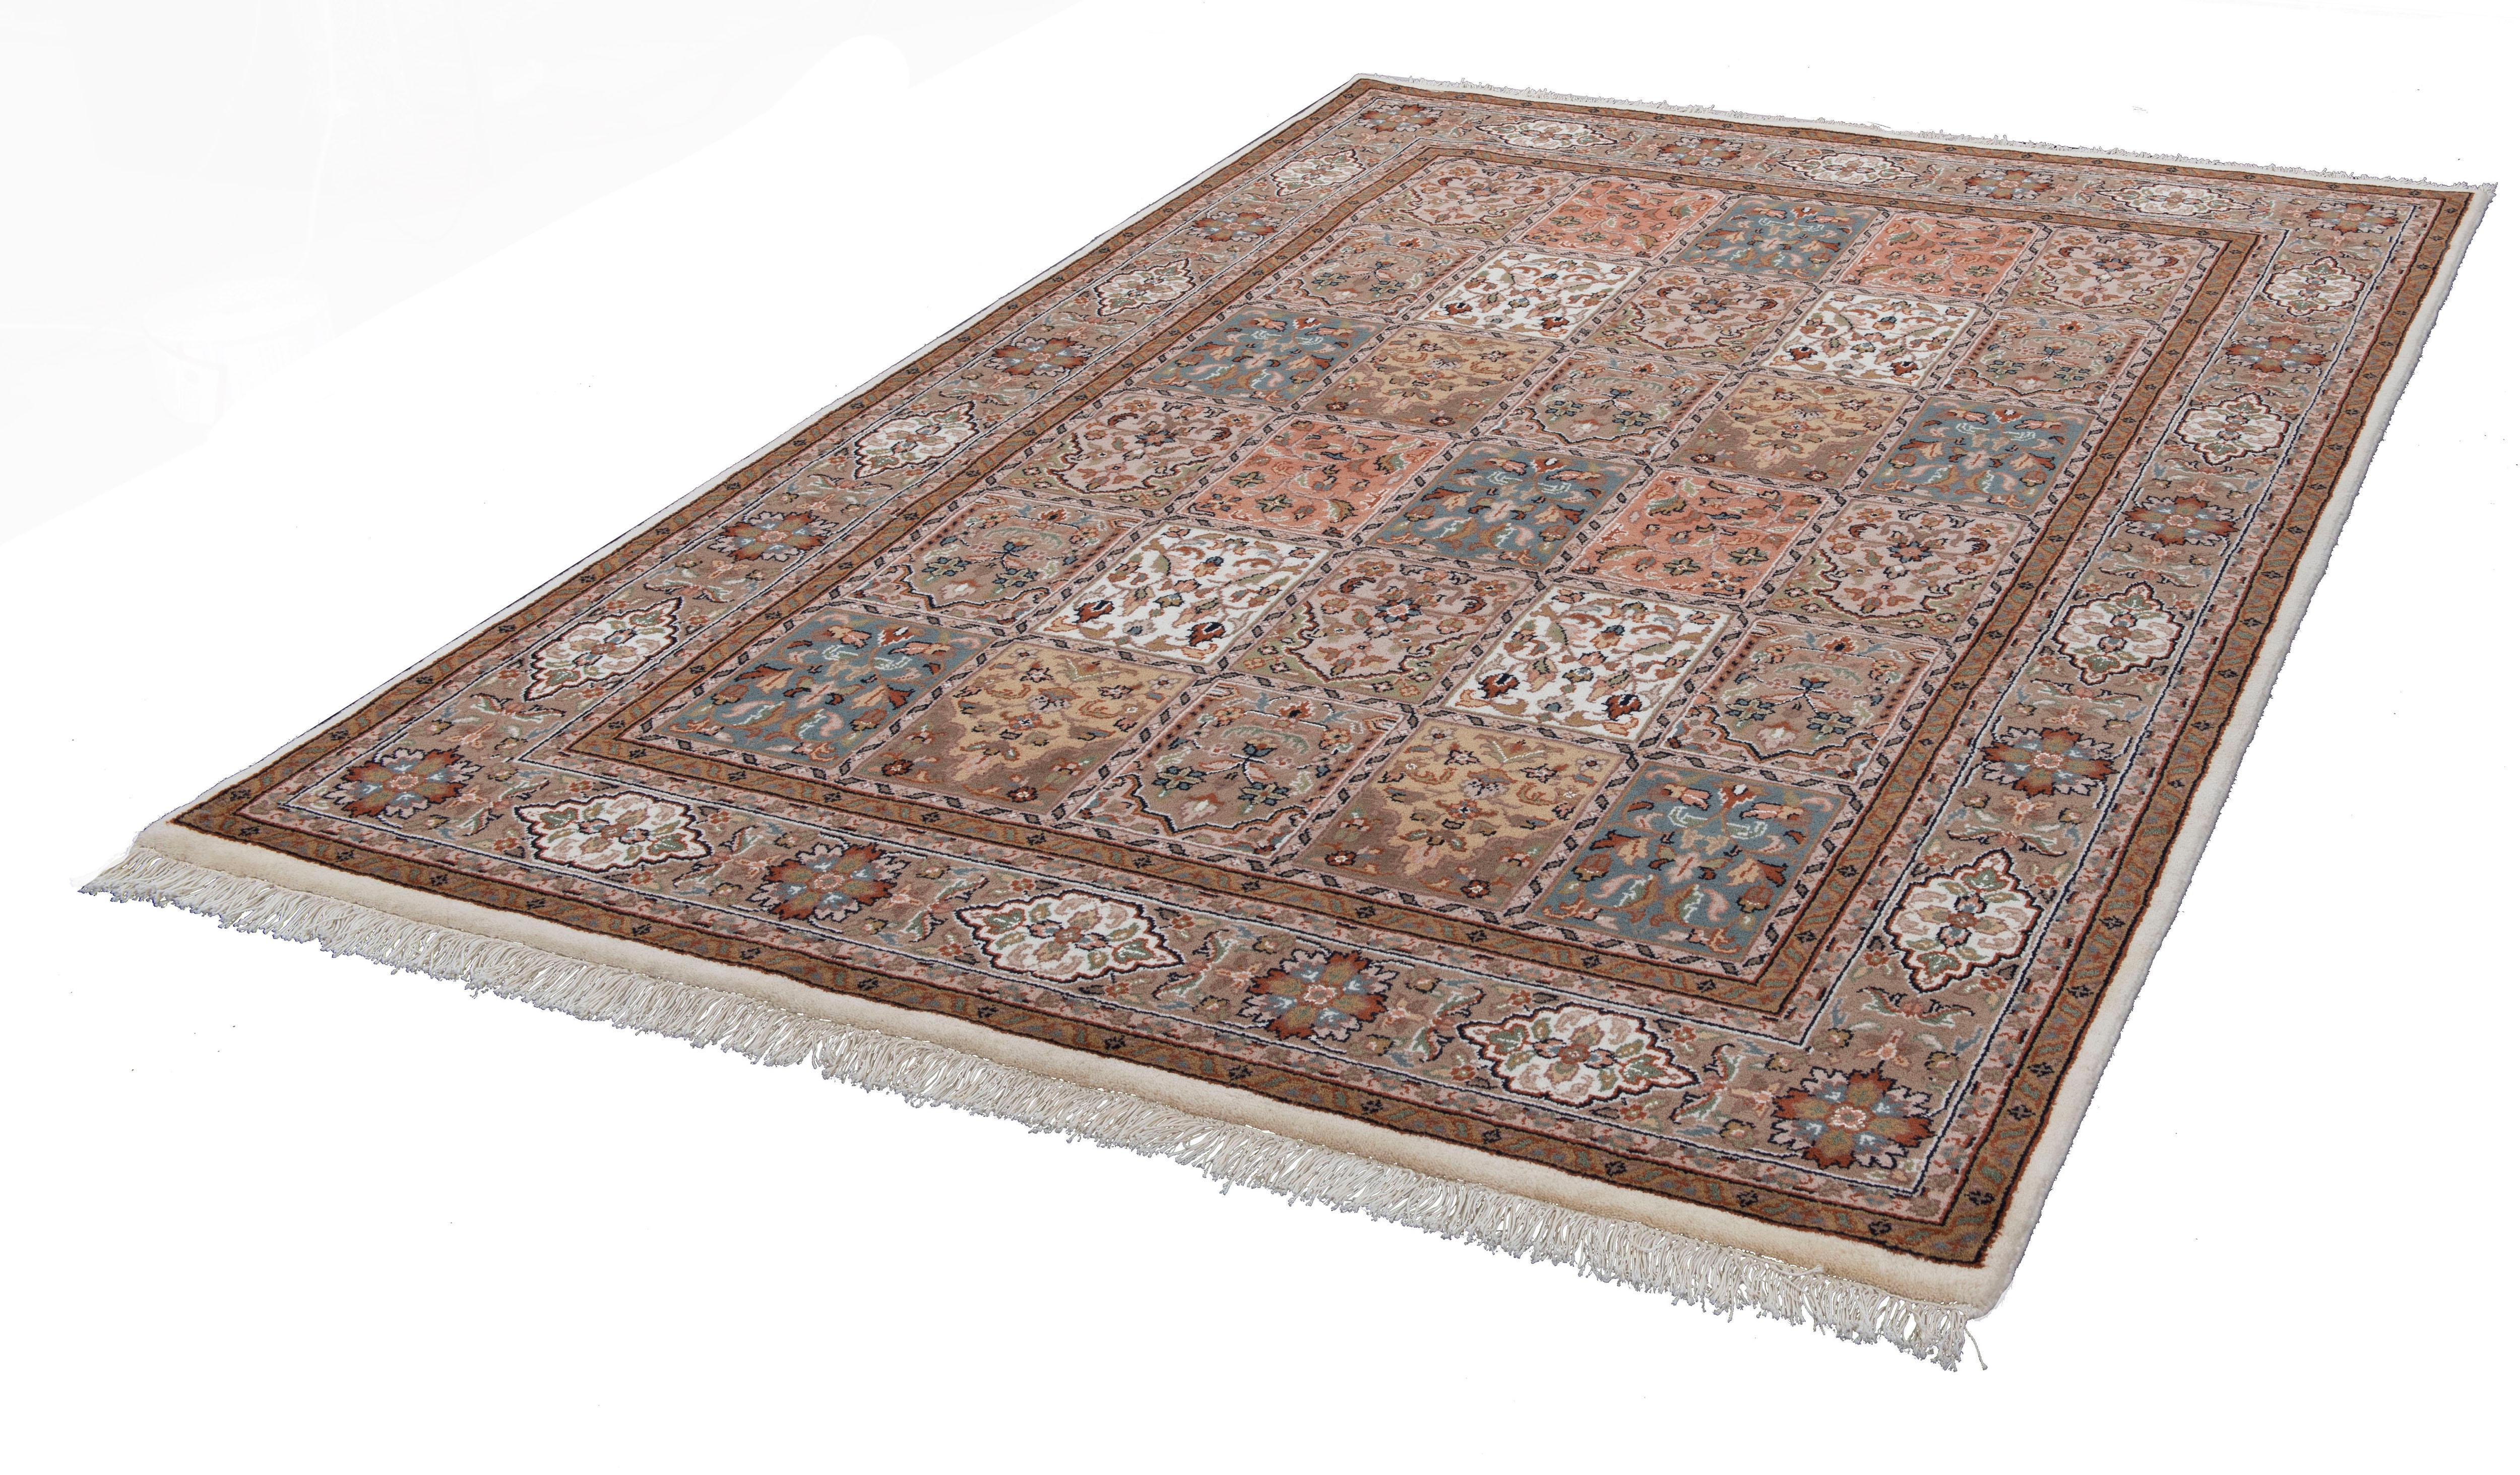 Orientteppich Benares Bachtiari THEKO rechteckig Höhe 12 mm manuell geknüpft